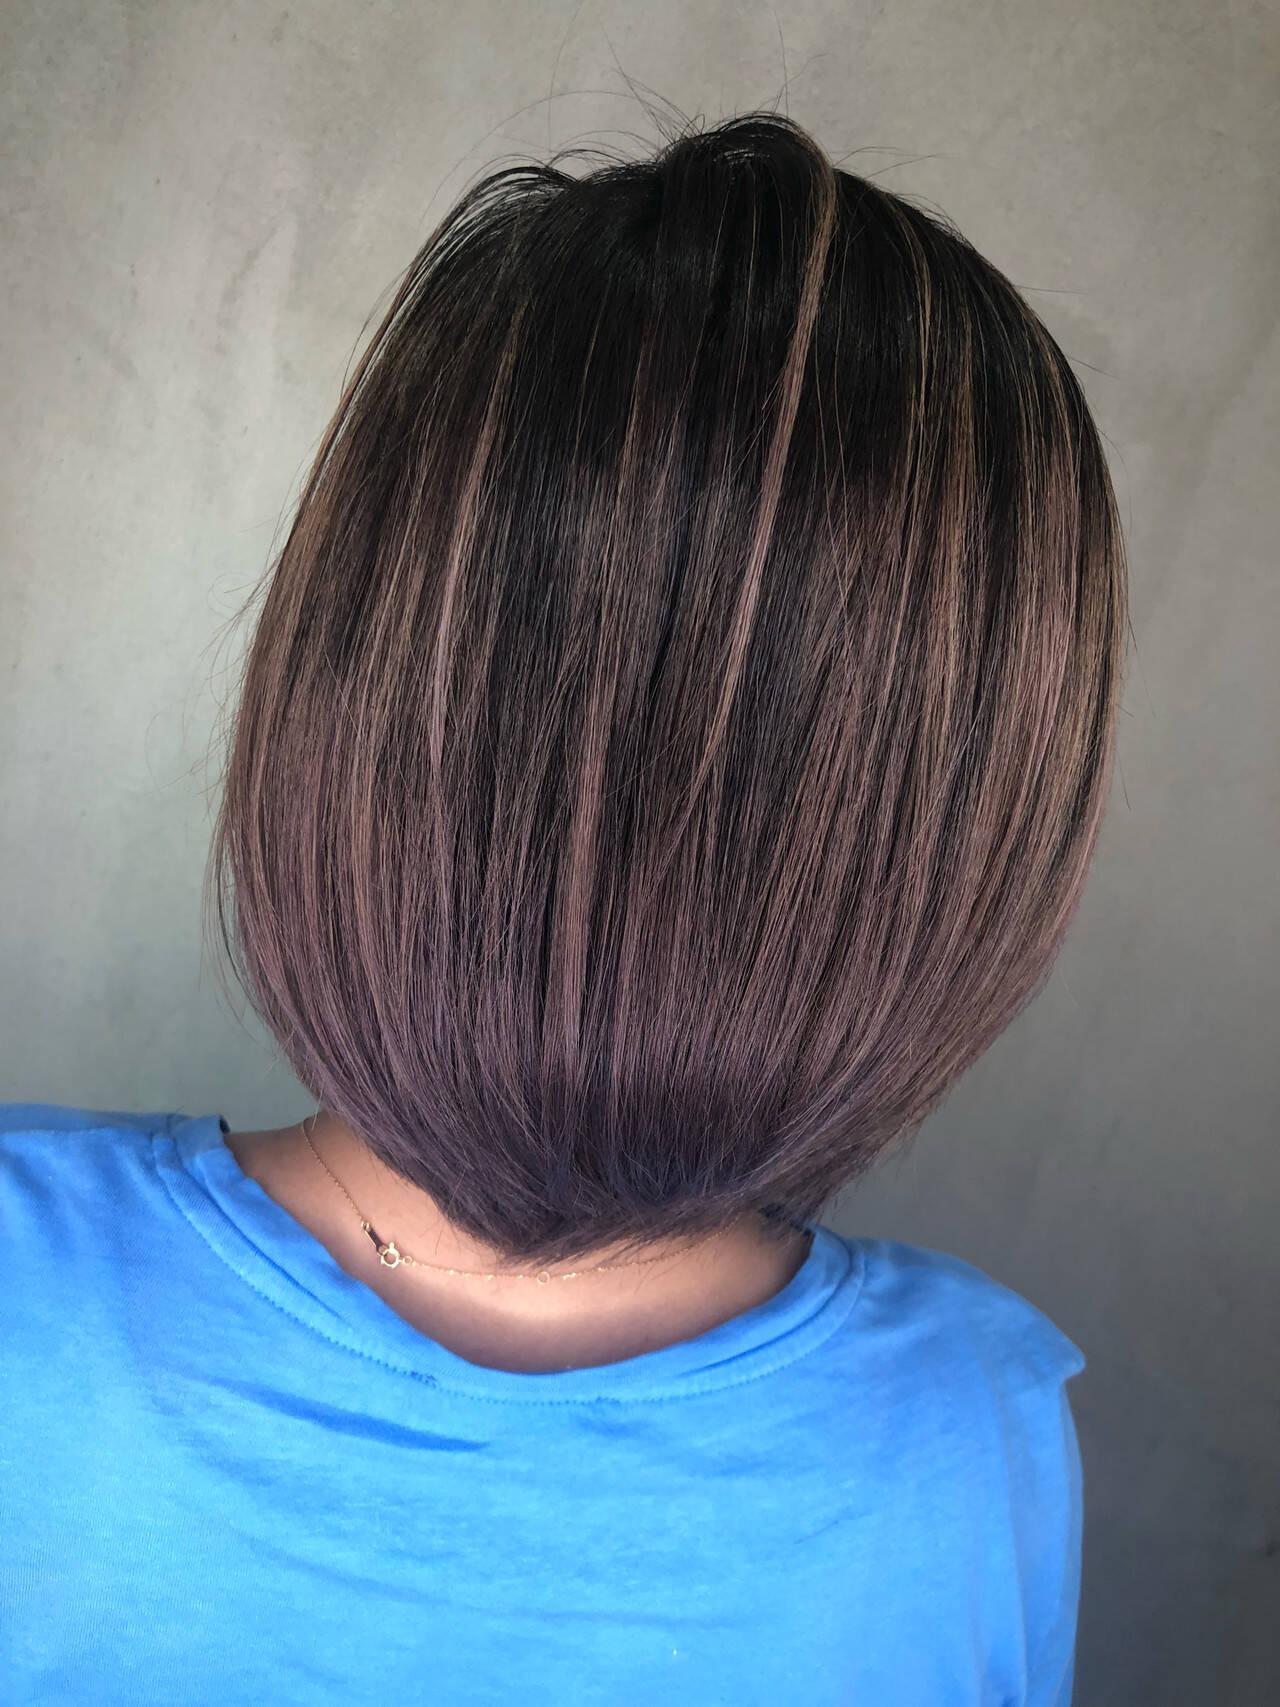 ボブ バレイヤージュ ハイライト グラデーションカラーヘアスタイルや髪型の写真・画像